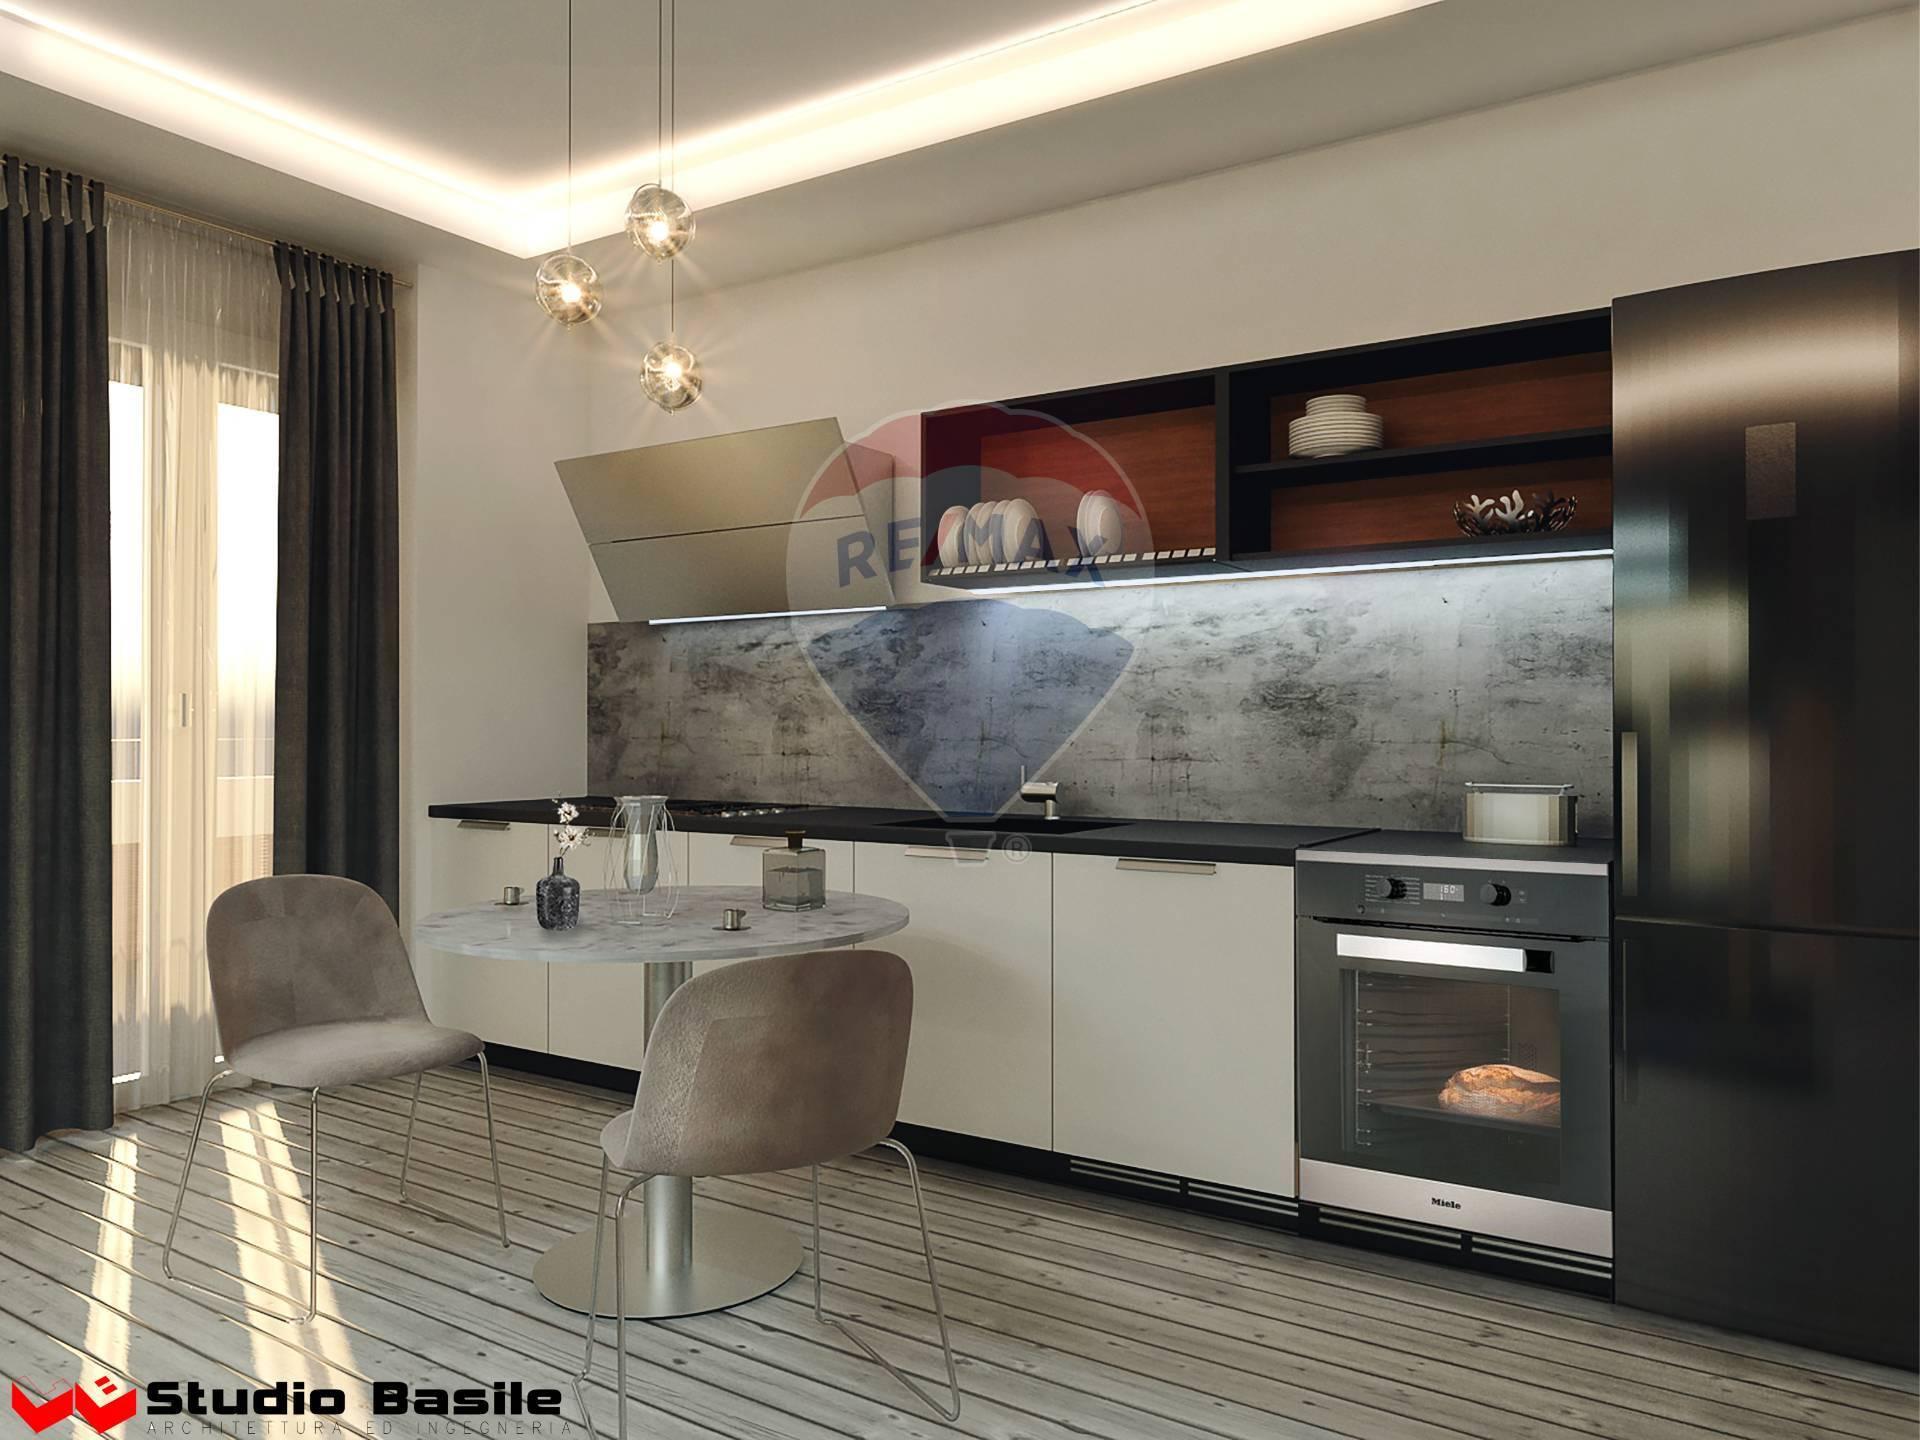 Appartamento in vendita a Paullo, 3 locali, prezzo € 280.000   CambioCasa.it